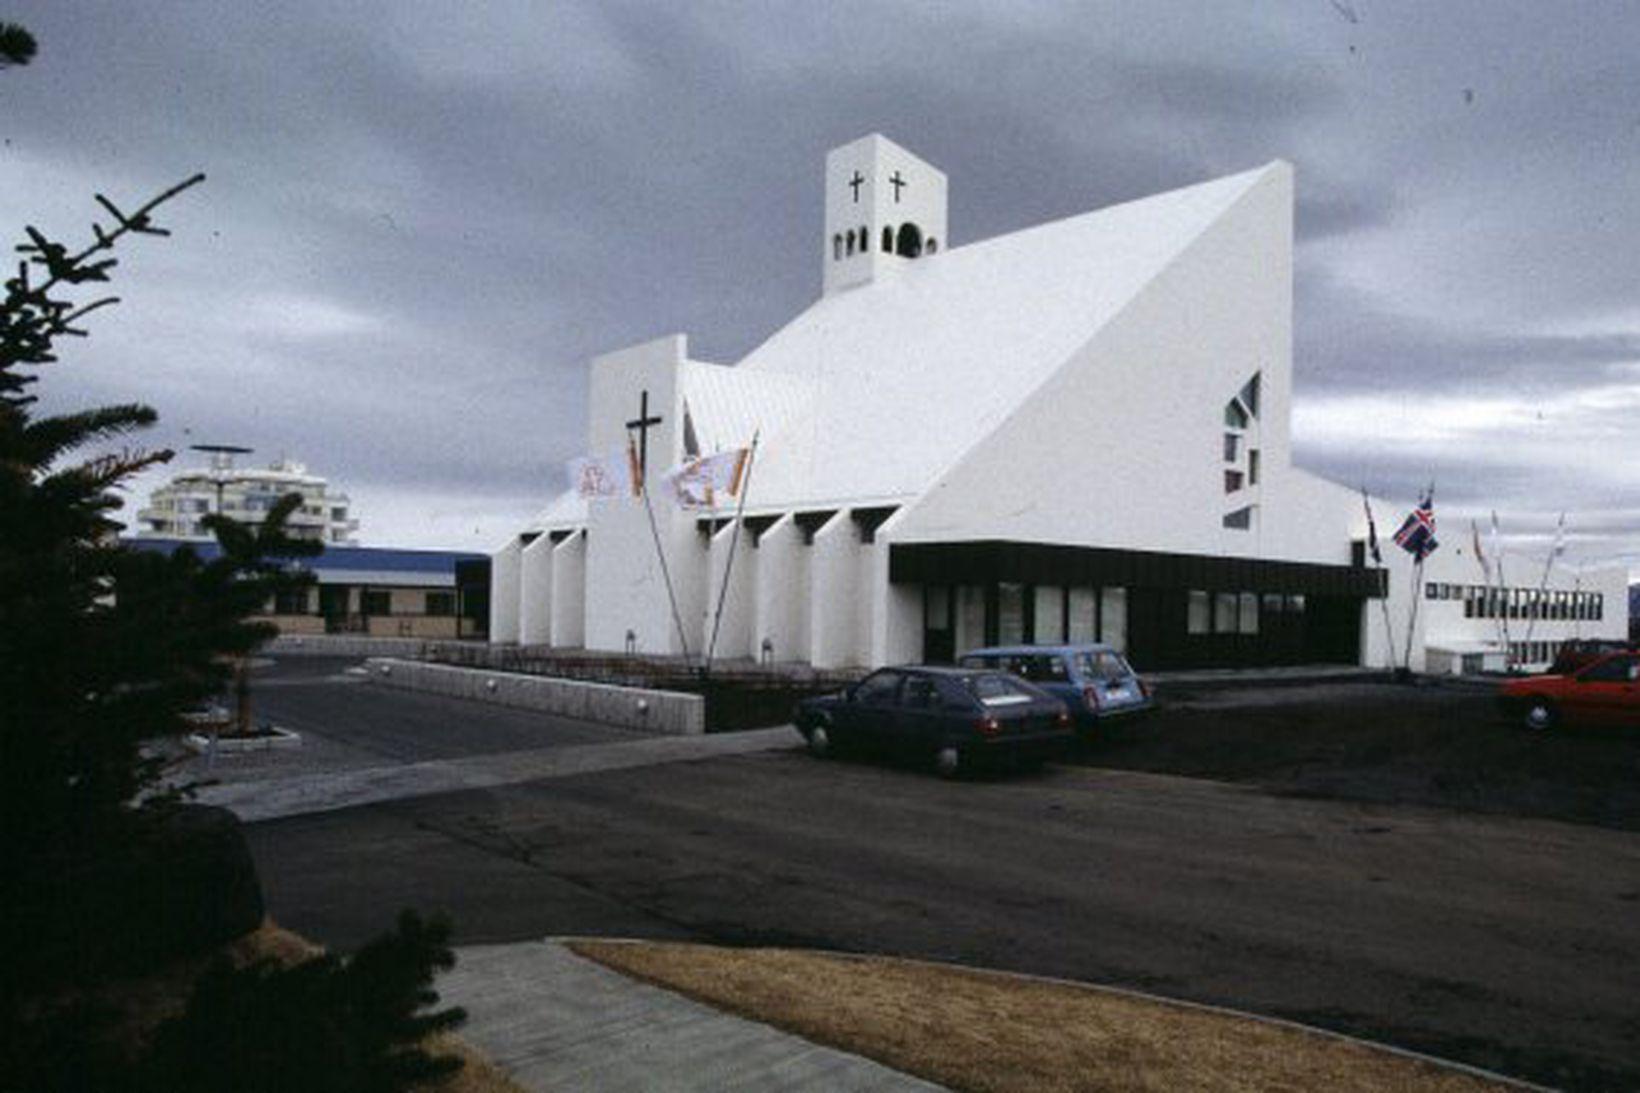 Samveran var í Vídalínskirkju í Garðabæ.